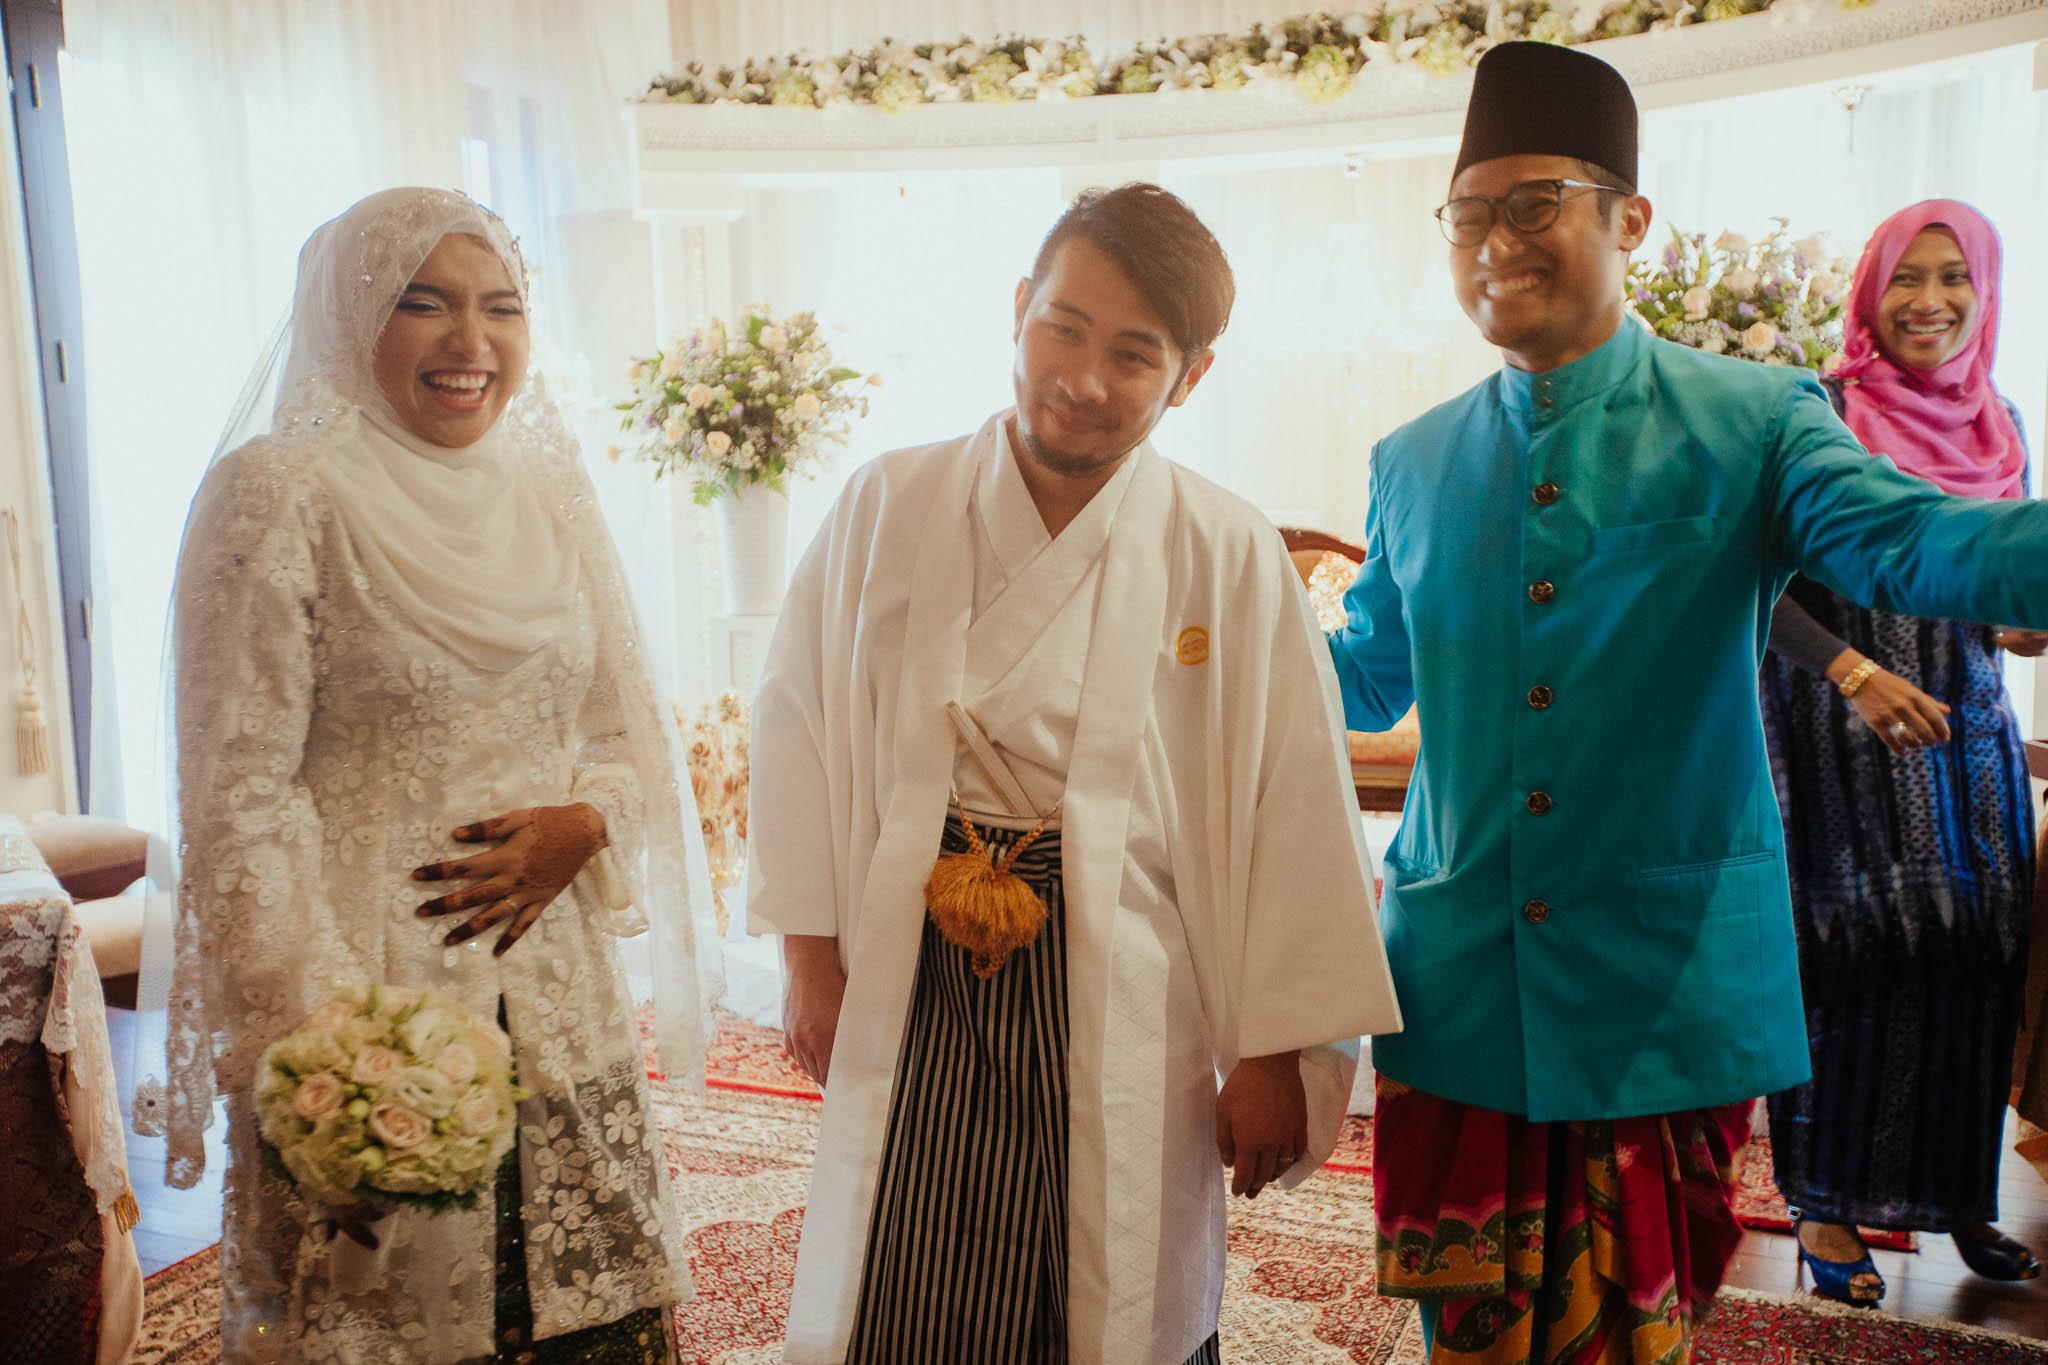 singapore-wedding-photographer-travel-wemadethese-atara-hafizah-28.jpg